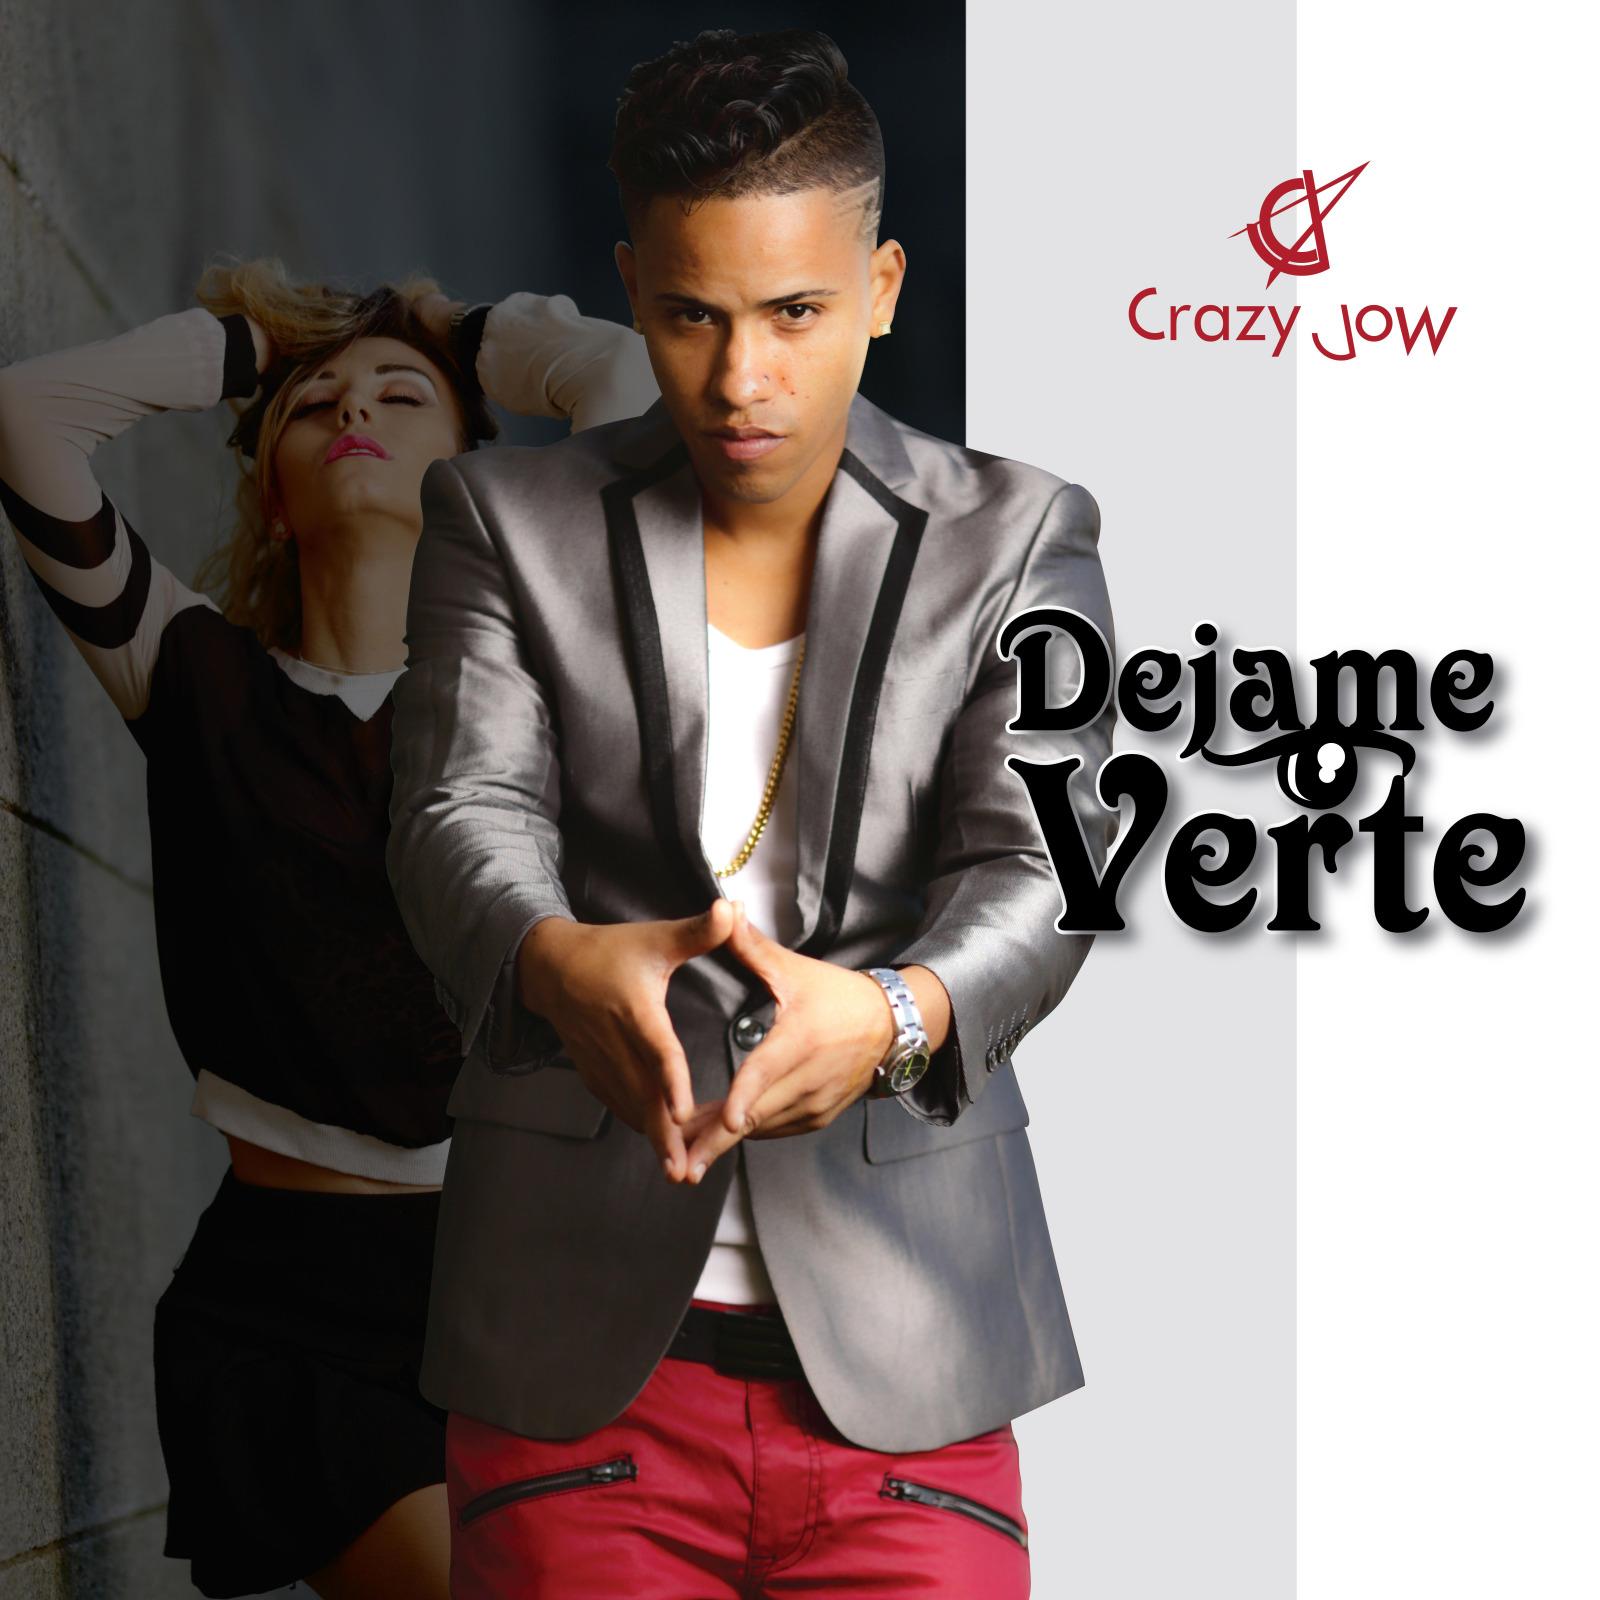 """dejame verte crazy jow - """"Déjame Verte"""", lo nuevo de Crazy Jow"""